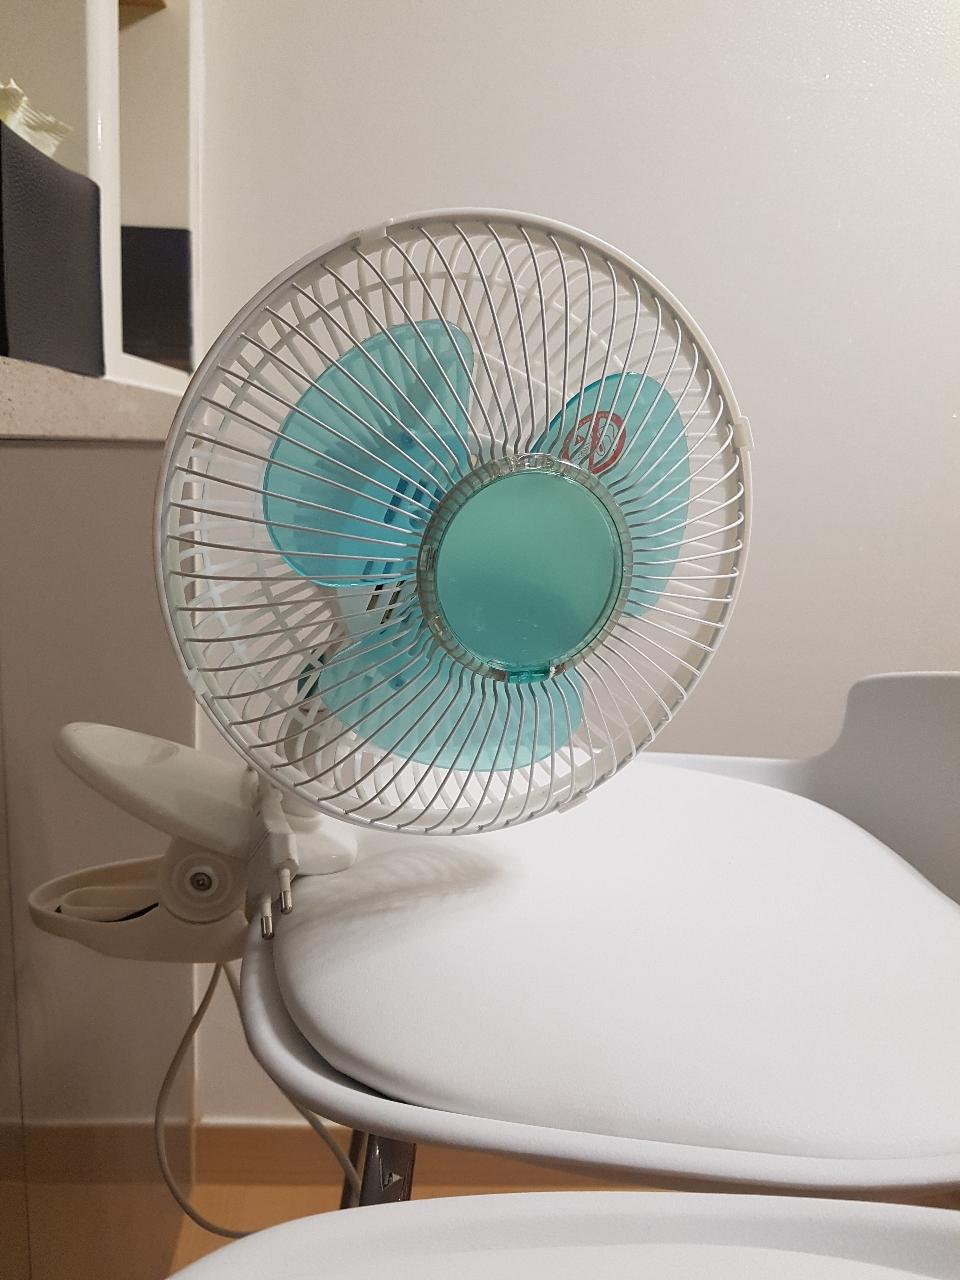 책상에 찝어 사용하는 미니 선풍기